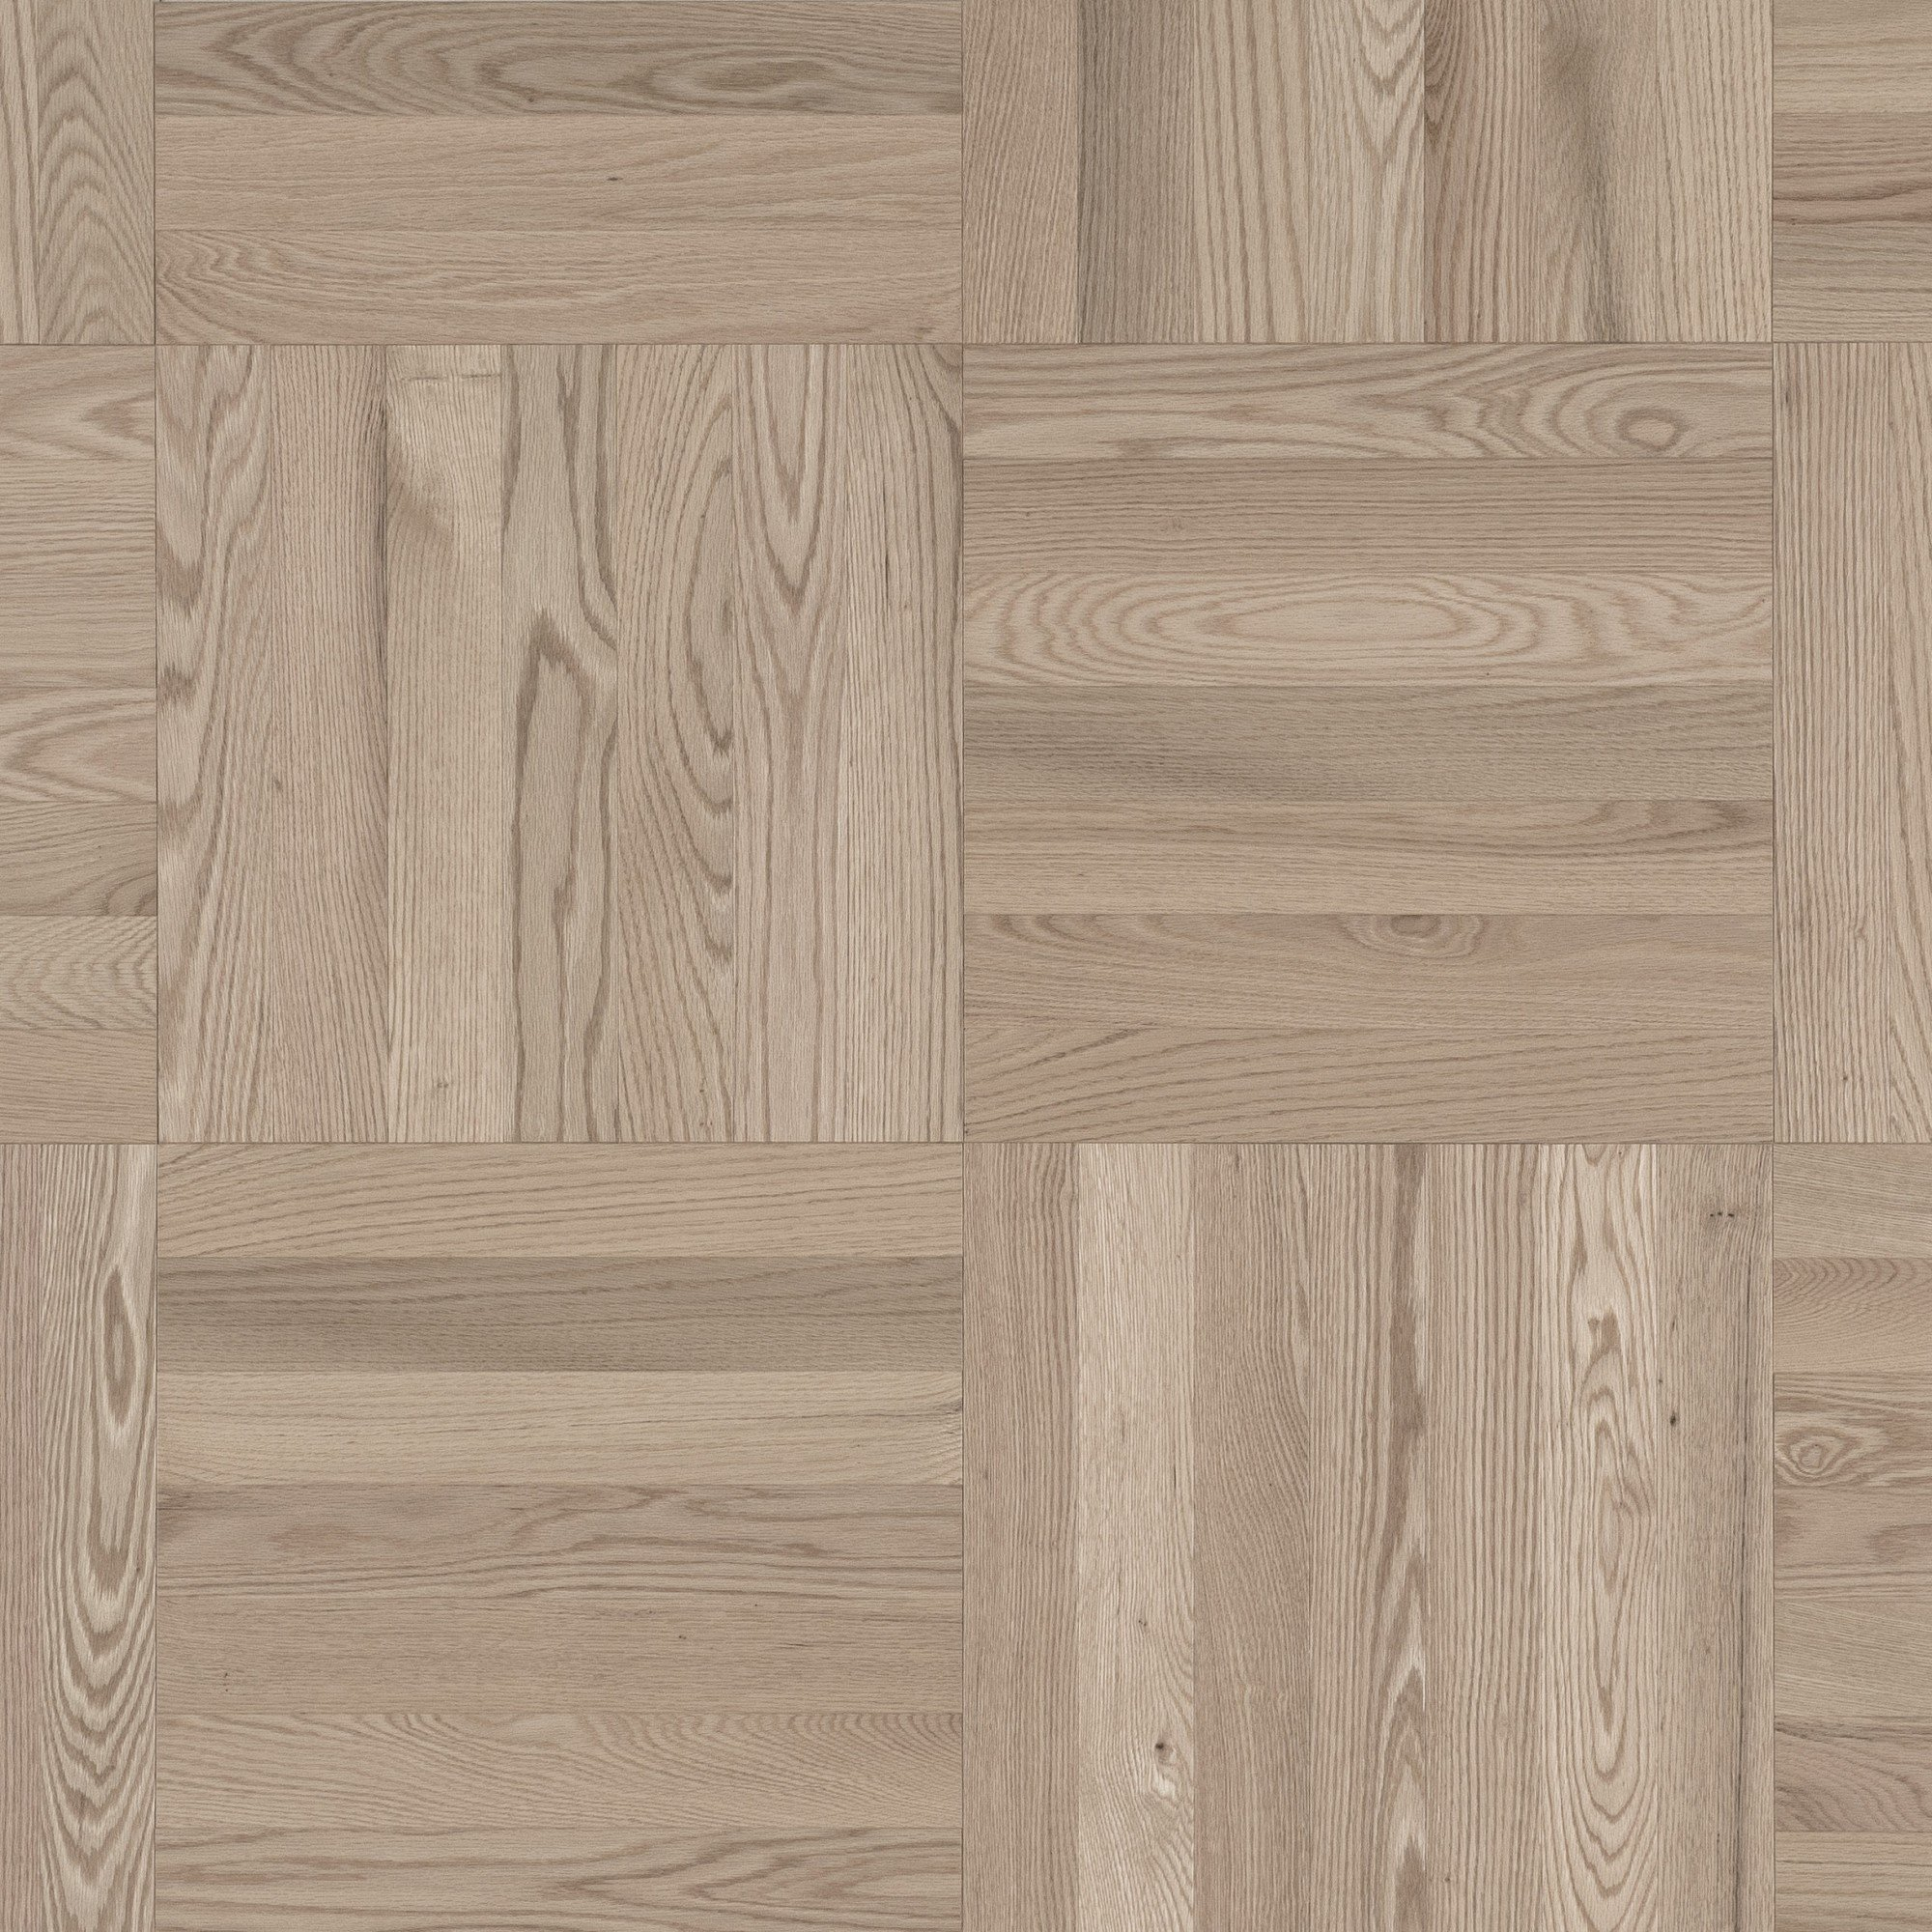 Red Oak Rio Exclusive Smooth - Floor image